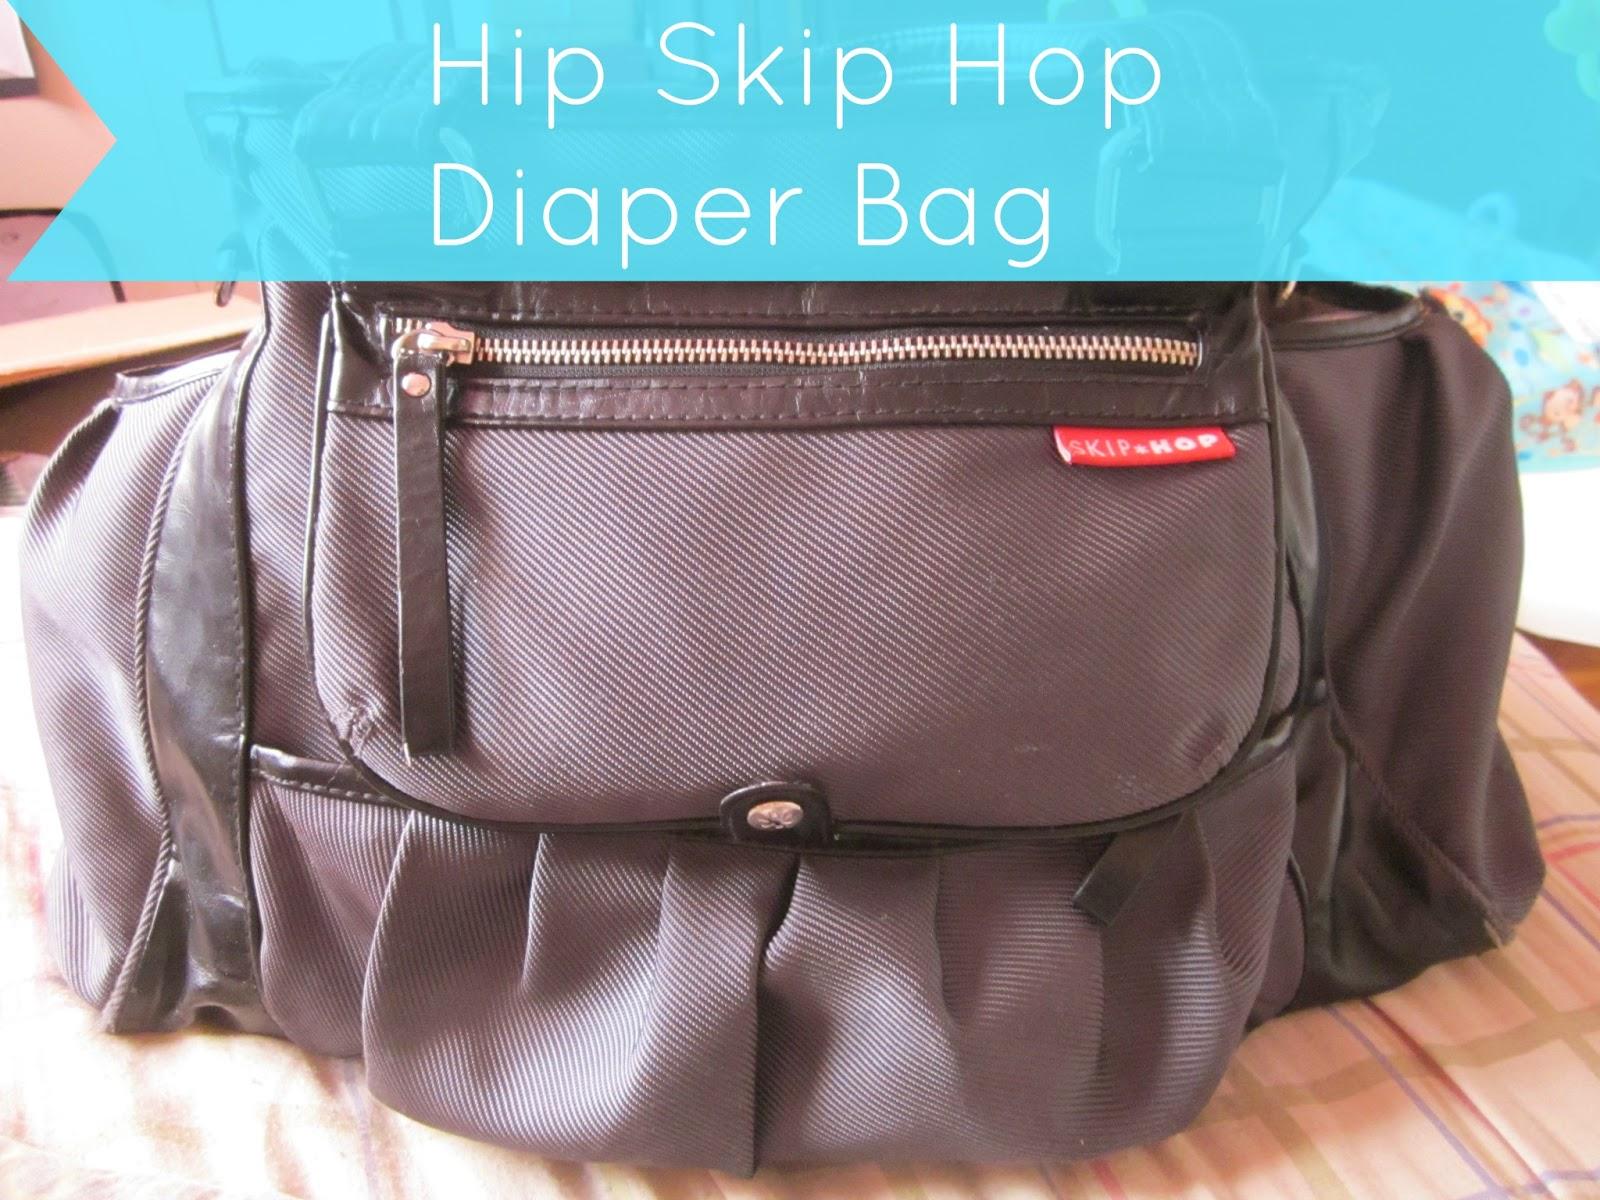 hip skip hop diaper bag